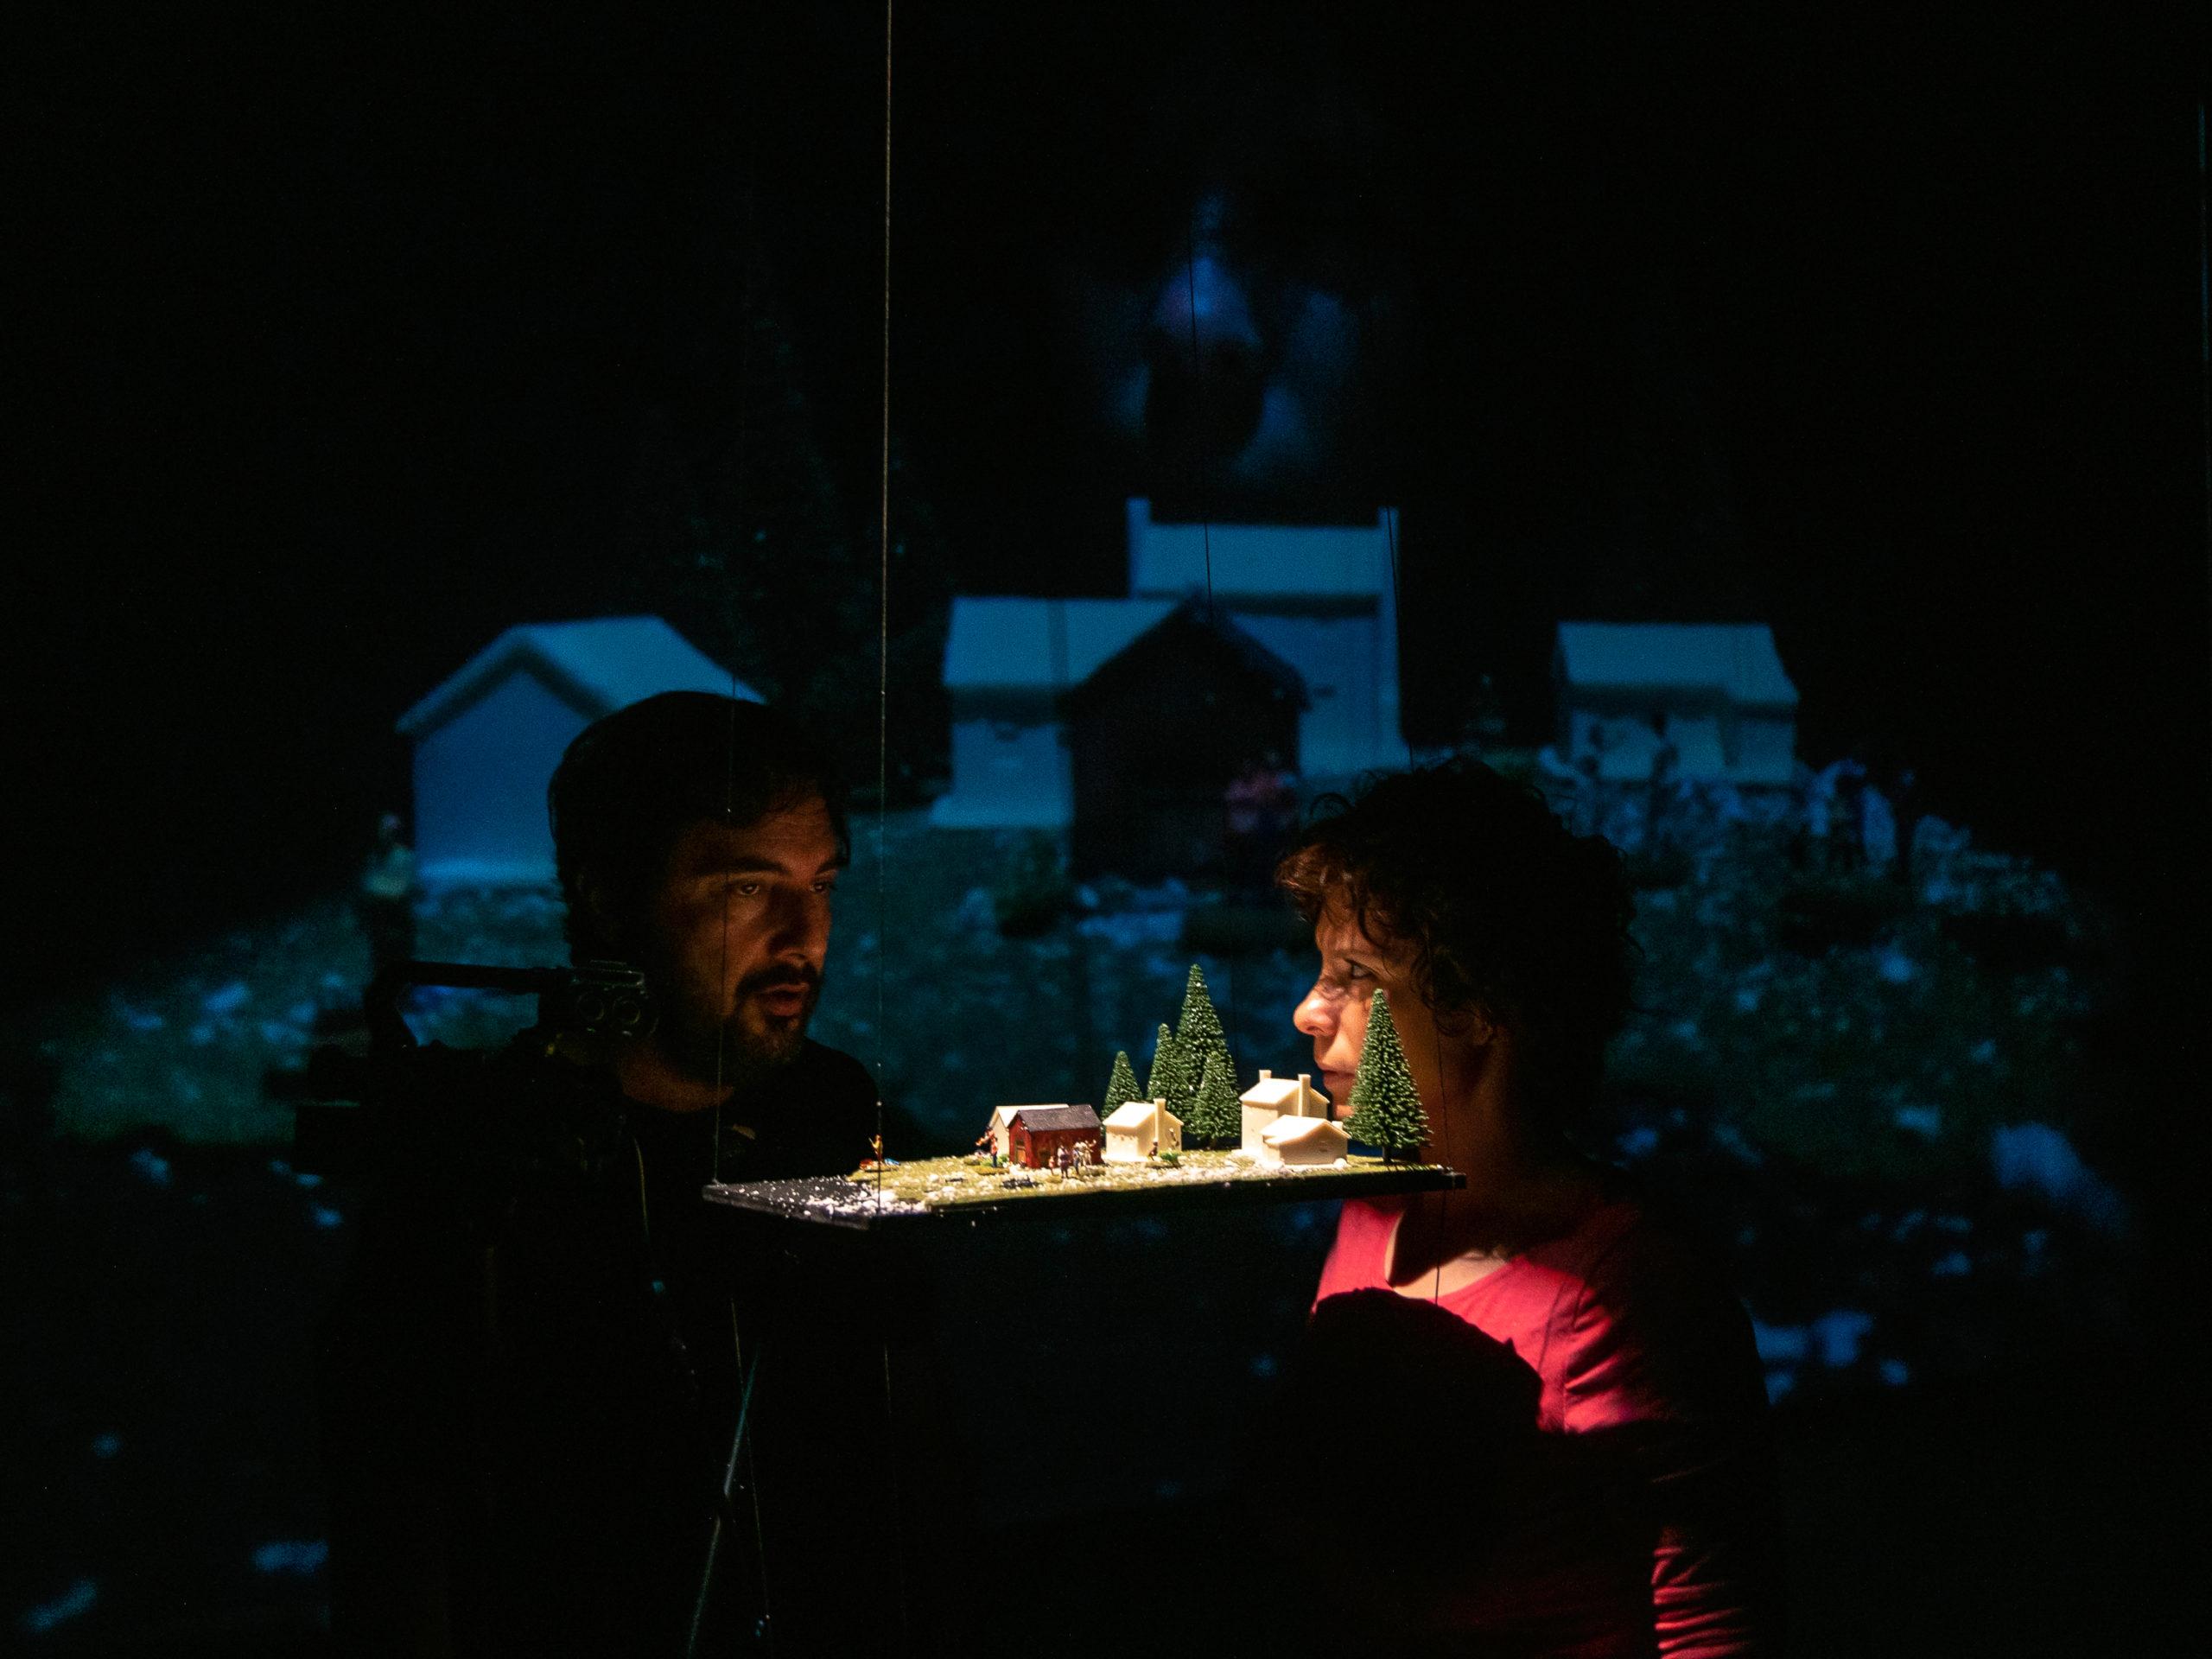 El rastre d'aquella nit, foto José Marín @Mementonet Mementomedia